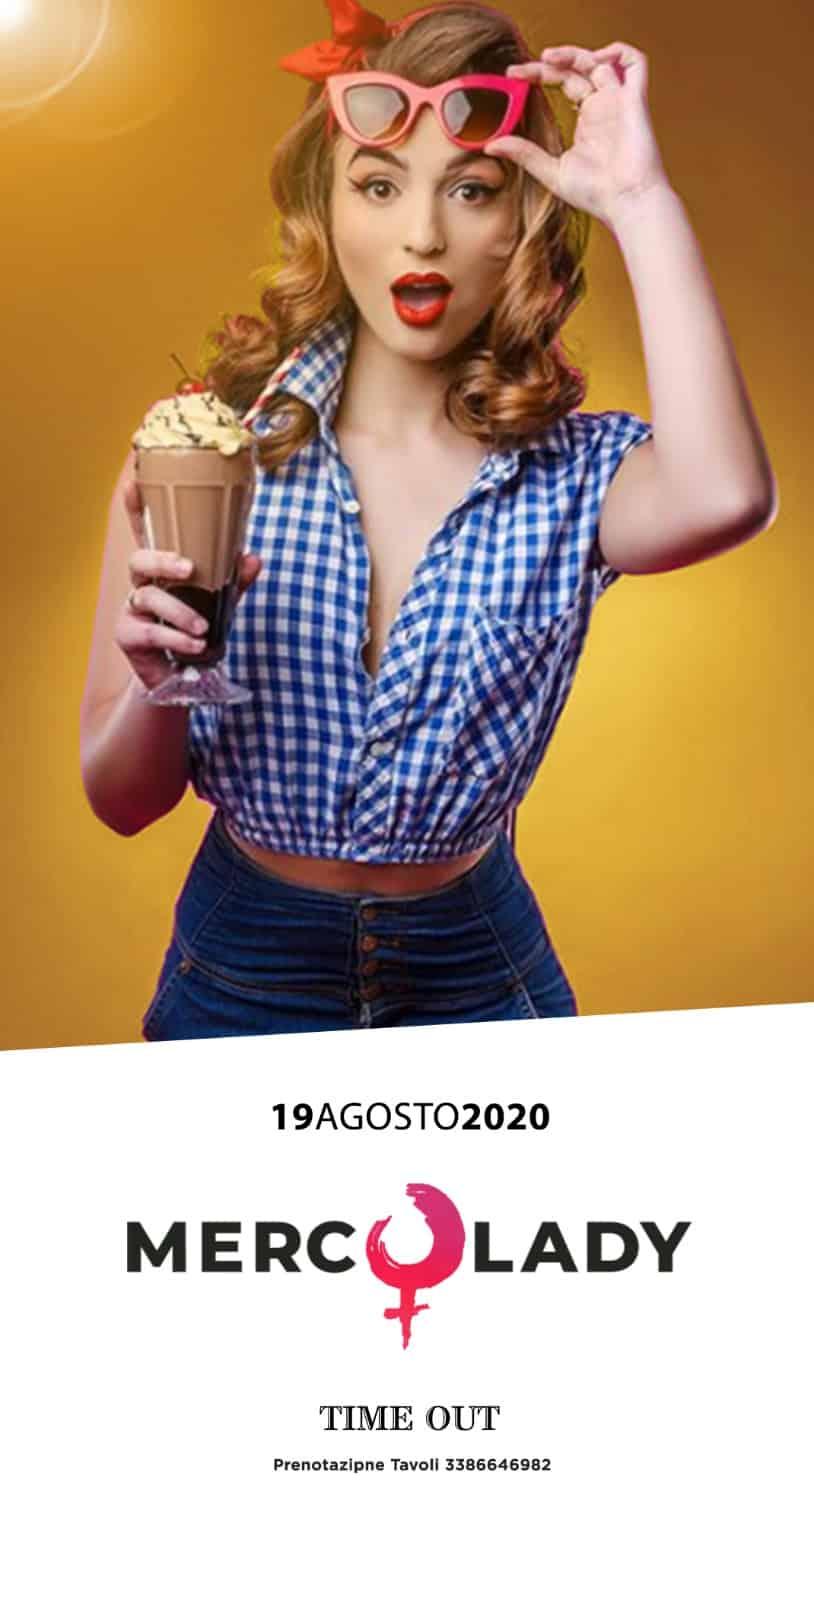 2020-sandro-bani-mercolady-19-agosto-igs